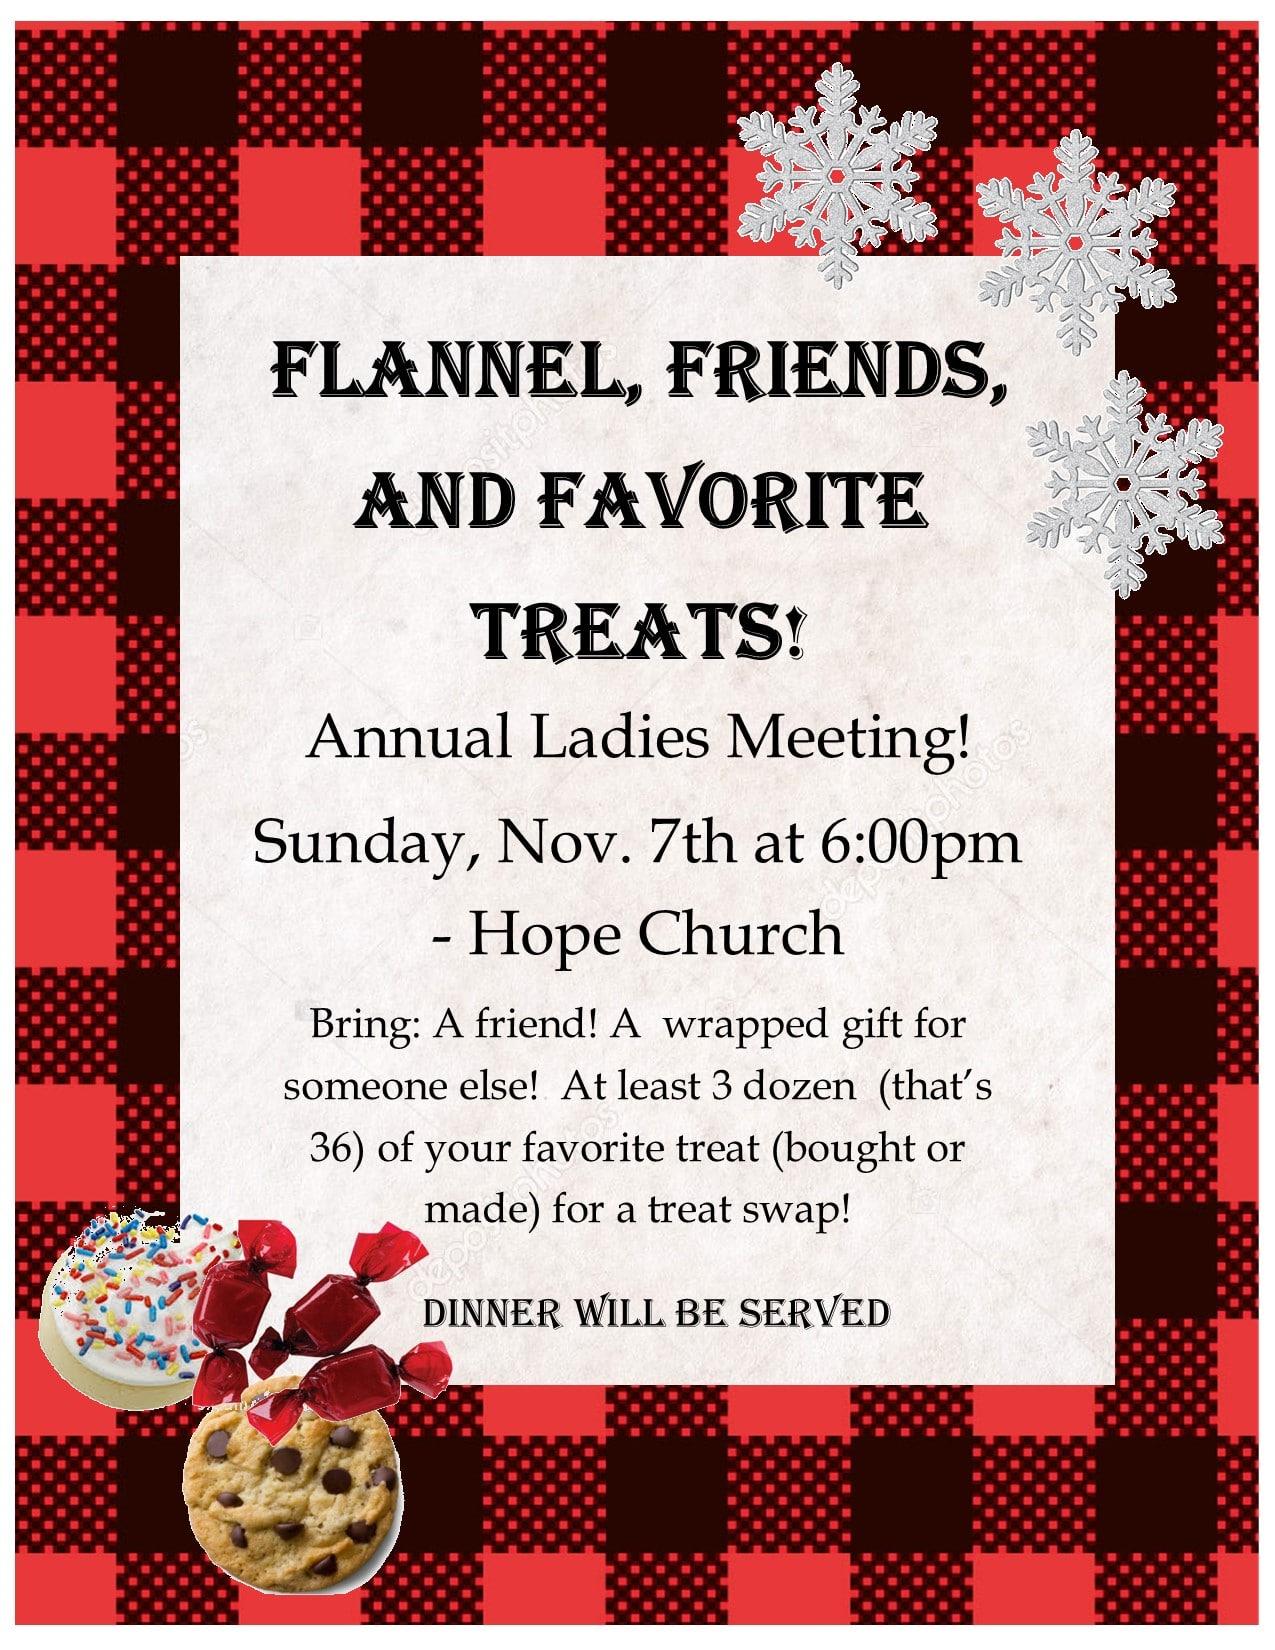 Flannel, Friends & Favorite Treats